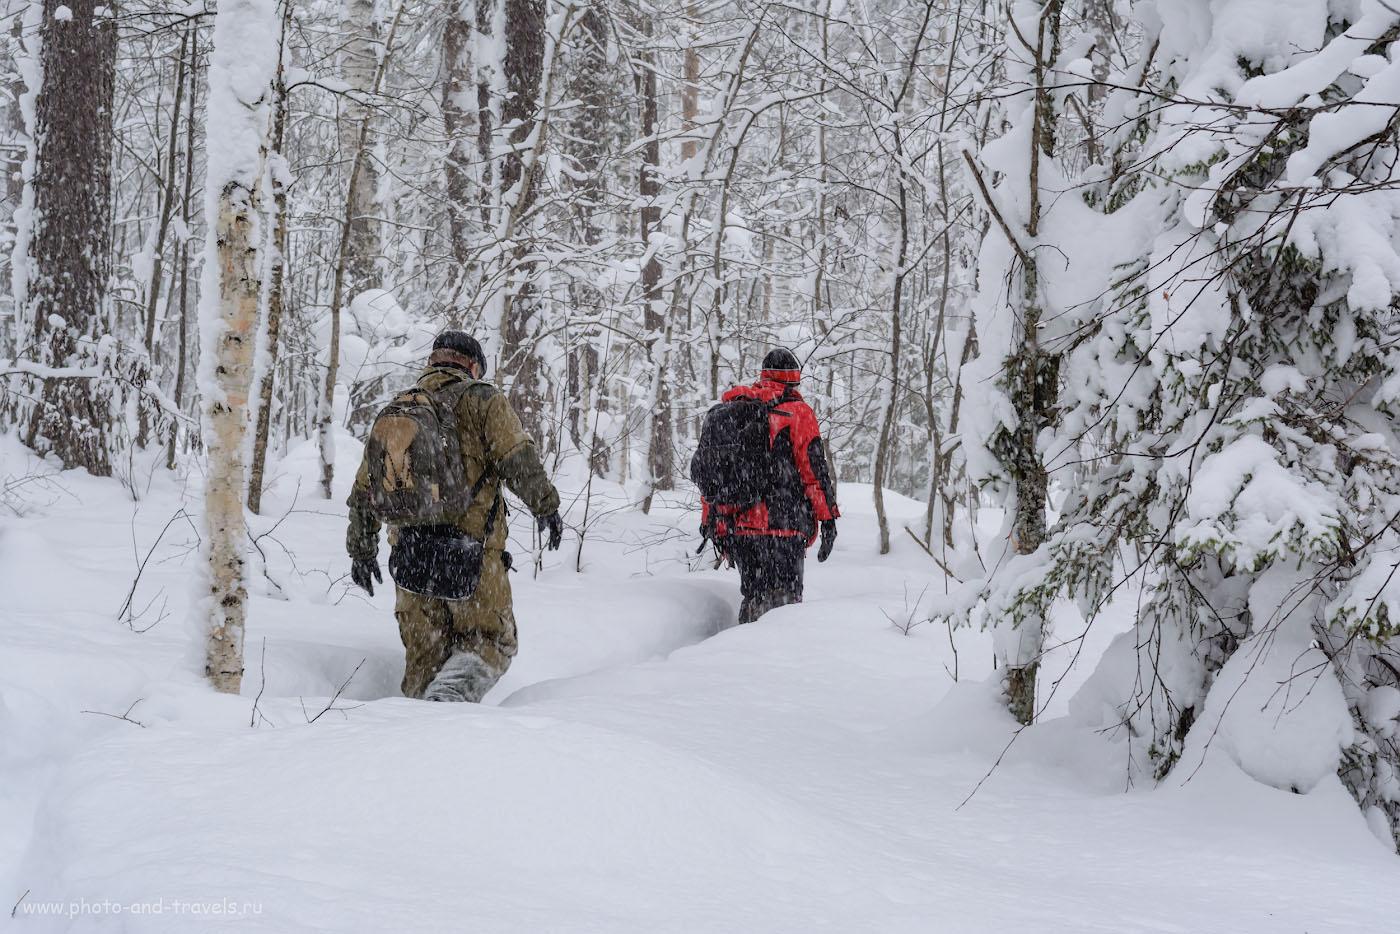 Фотография 8. Тестирование погодозащищенности объектива Nikon 17-55mm f/2.8 в условиях зимней метели в уральской тайге. 1/100, 9.0, 400, 50.